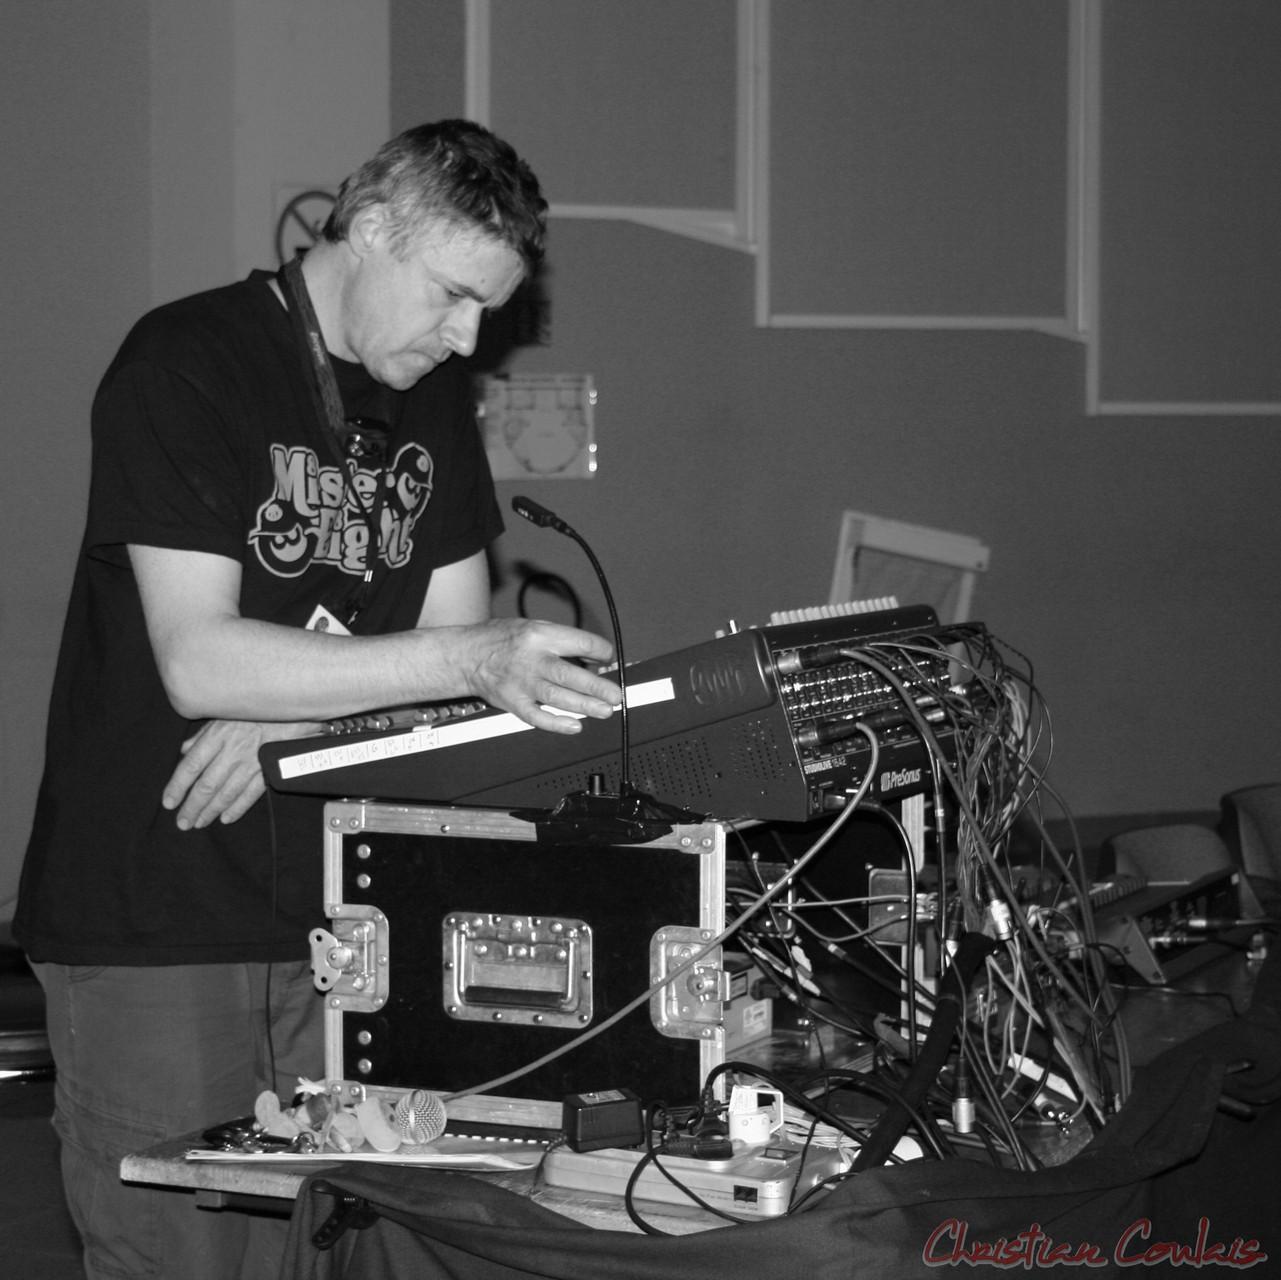 Festival JAZZ360 2010, Pablo Jarraute, régie son, Salle cuturelle de Cénac